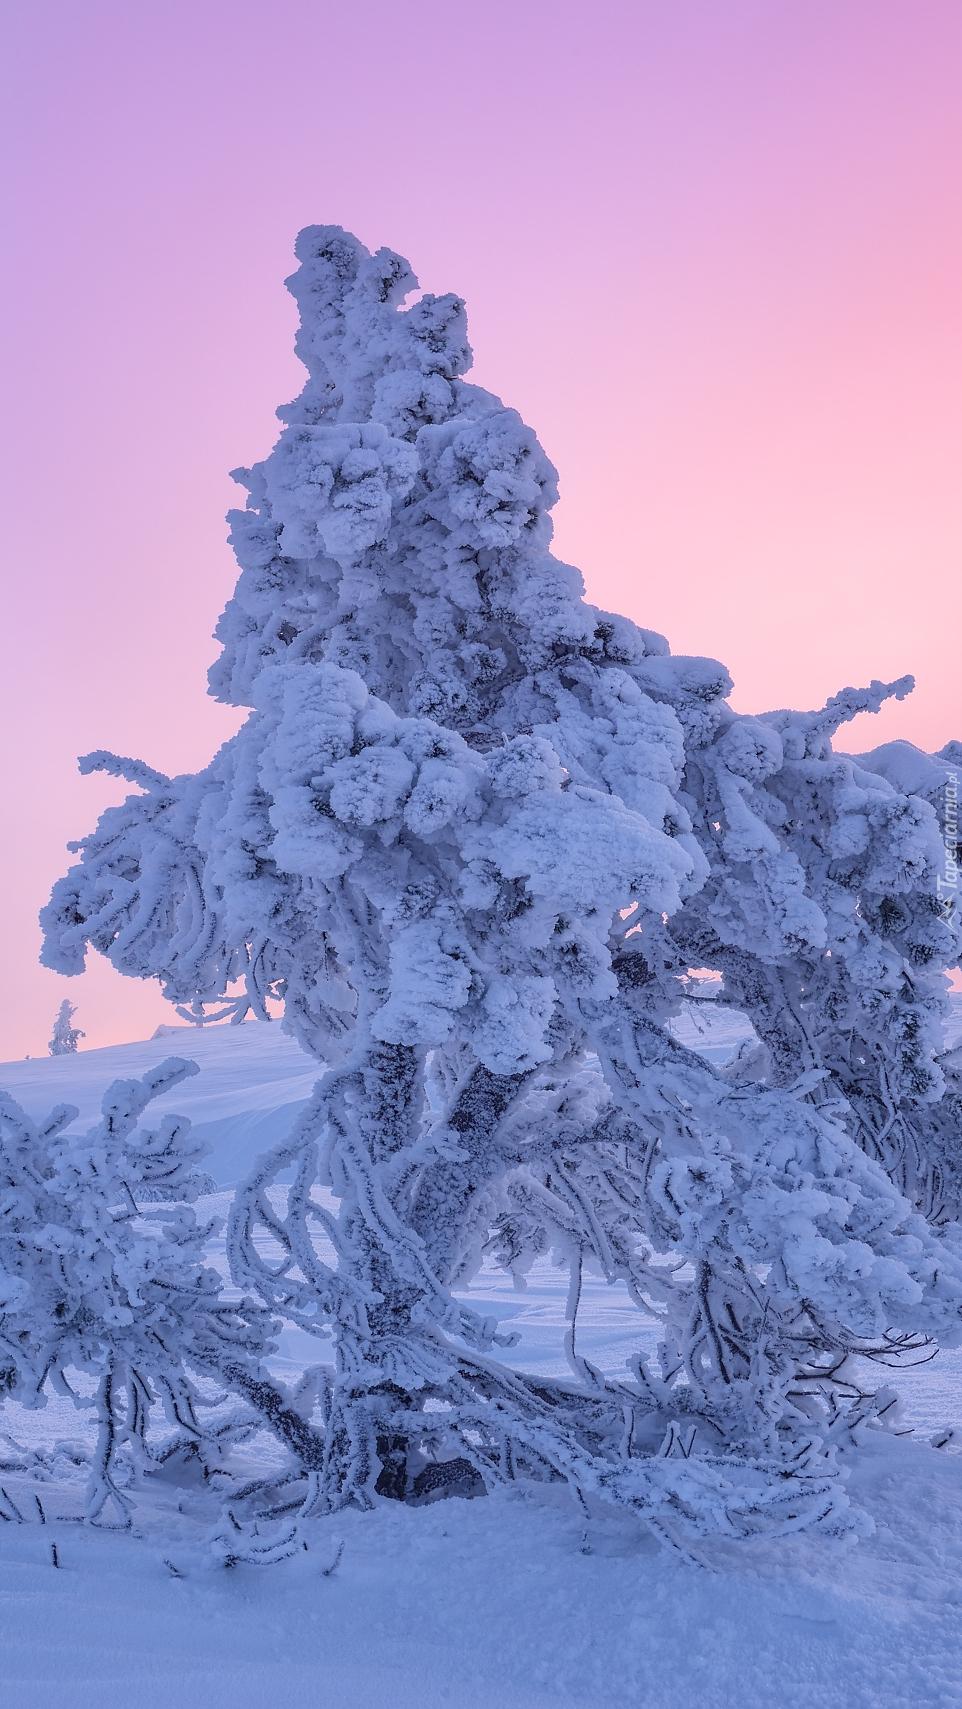 Ośnieżone drzewo